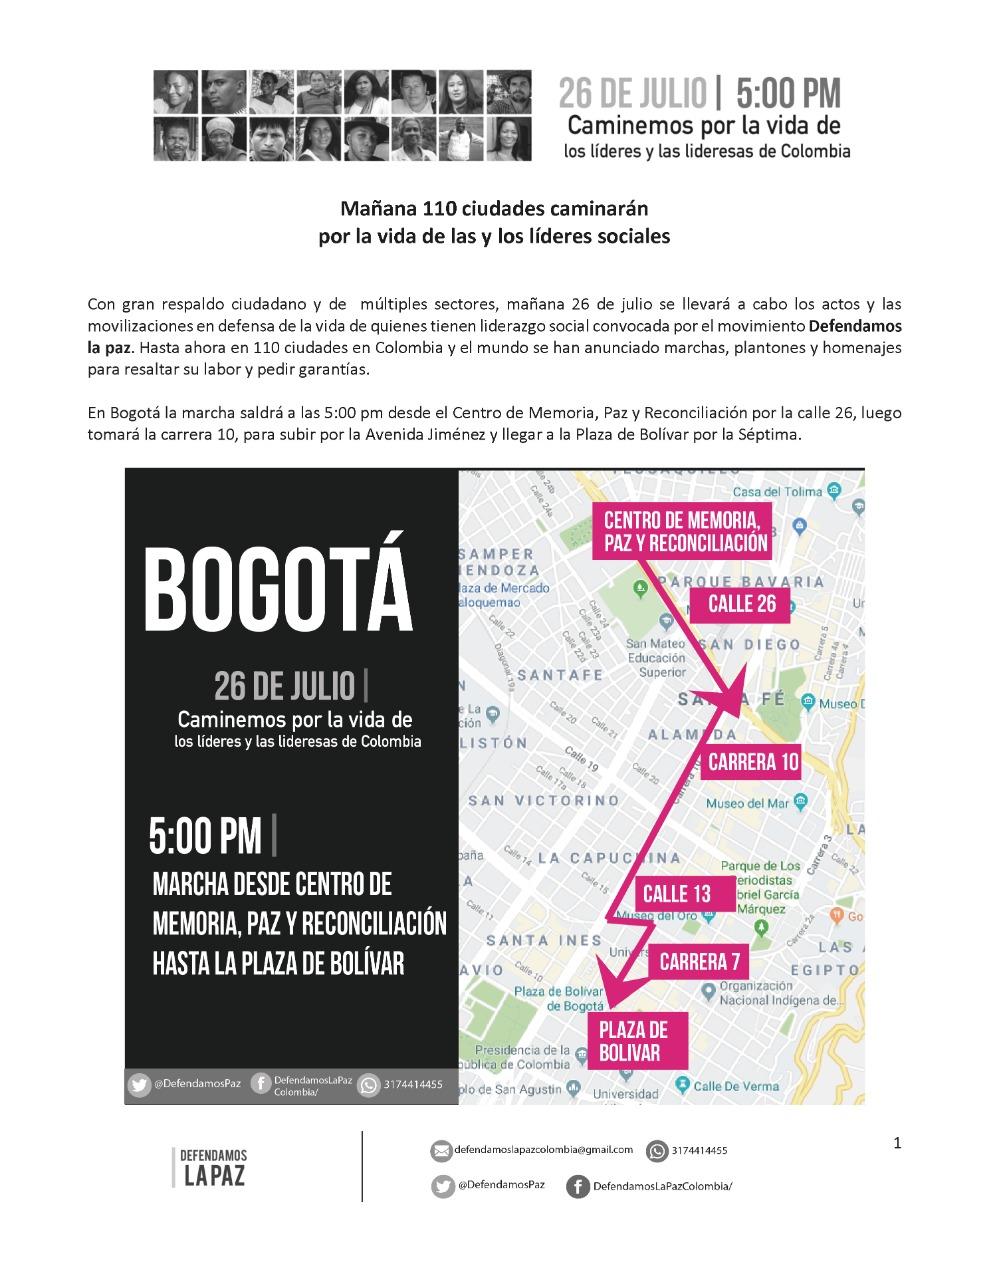 Ruta movilización #26dejulio